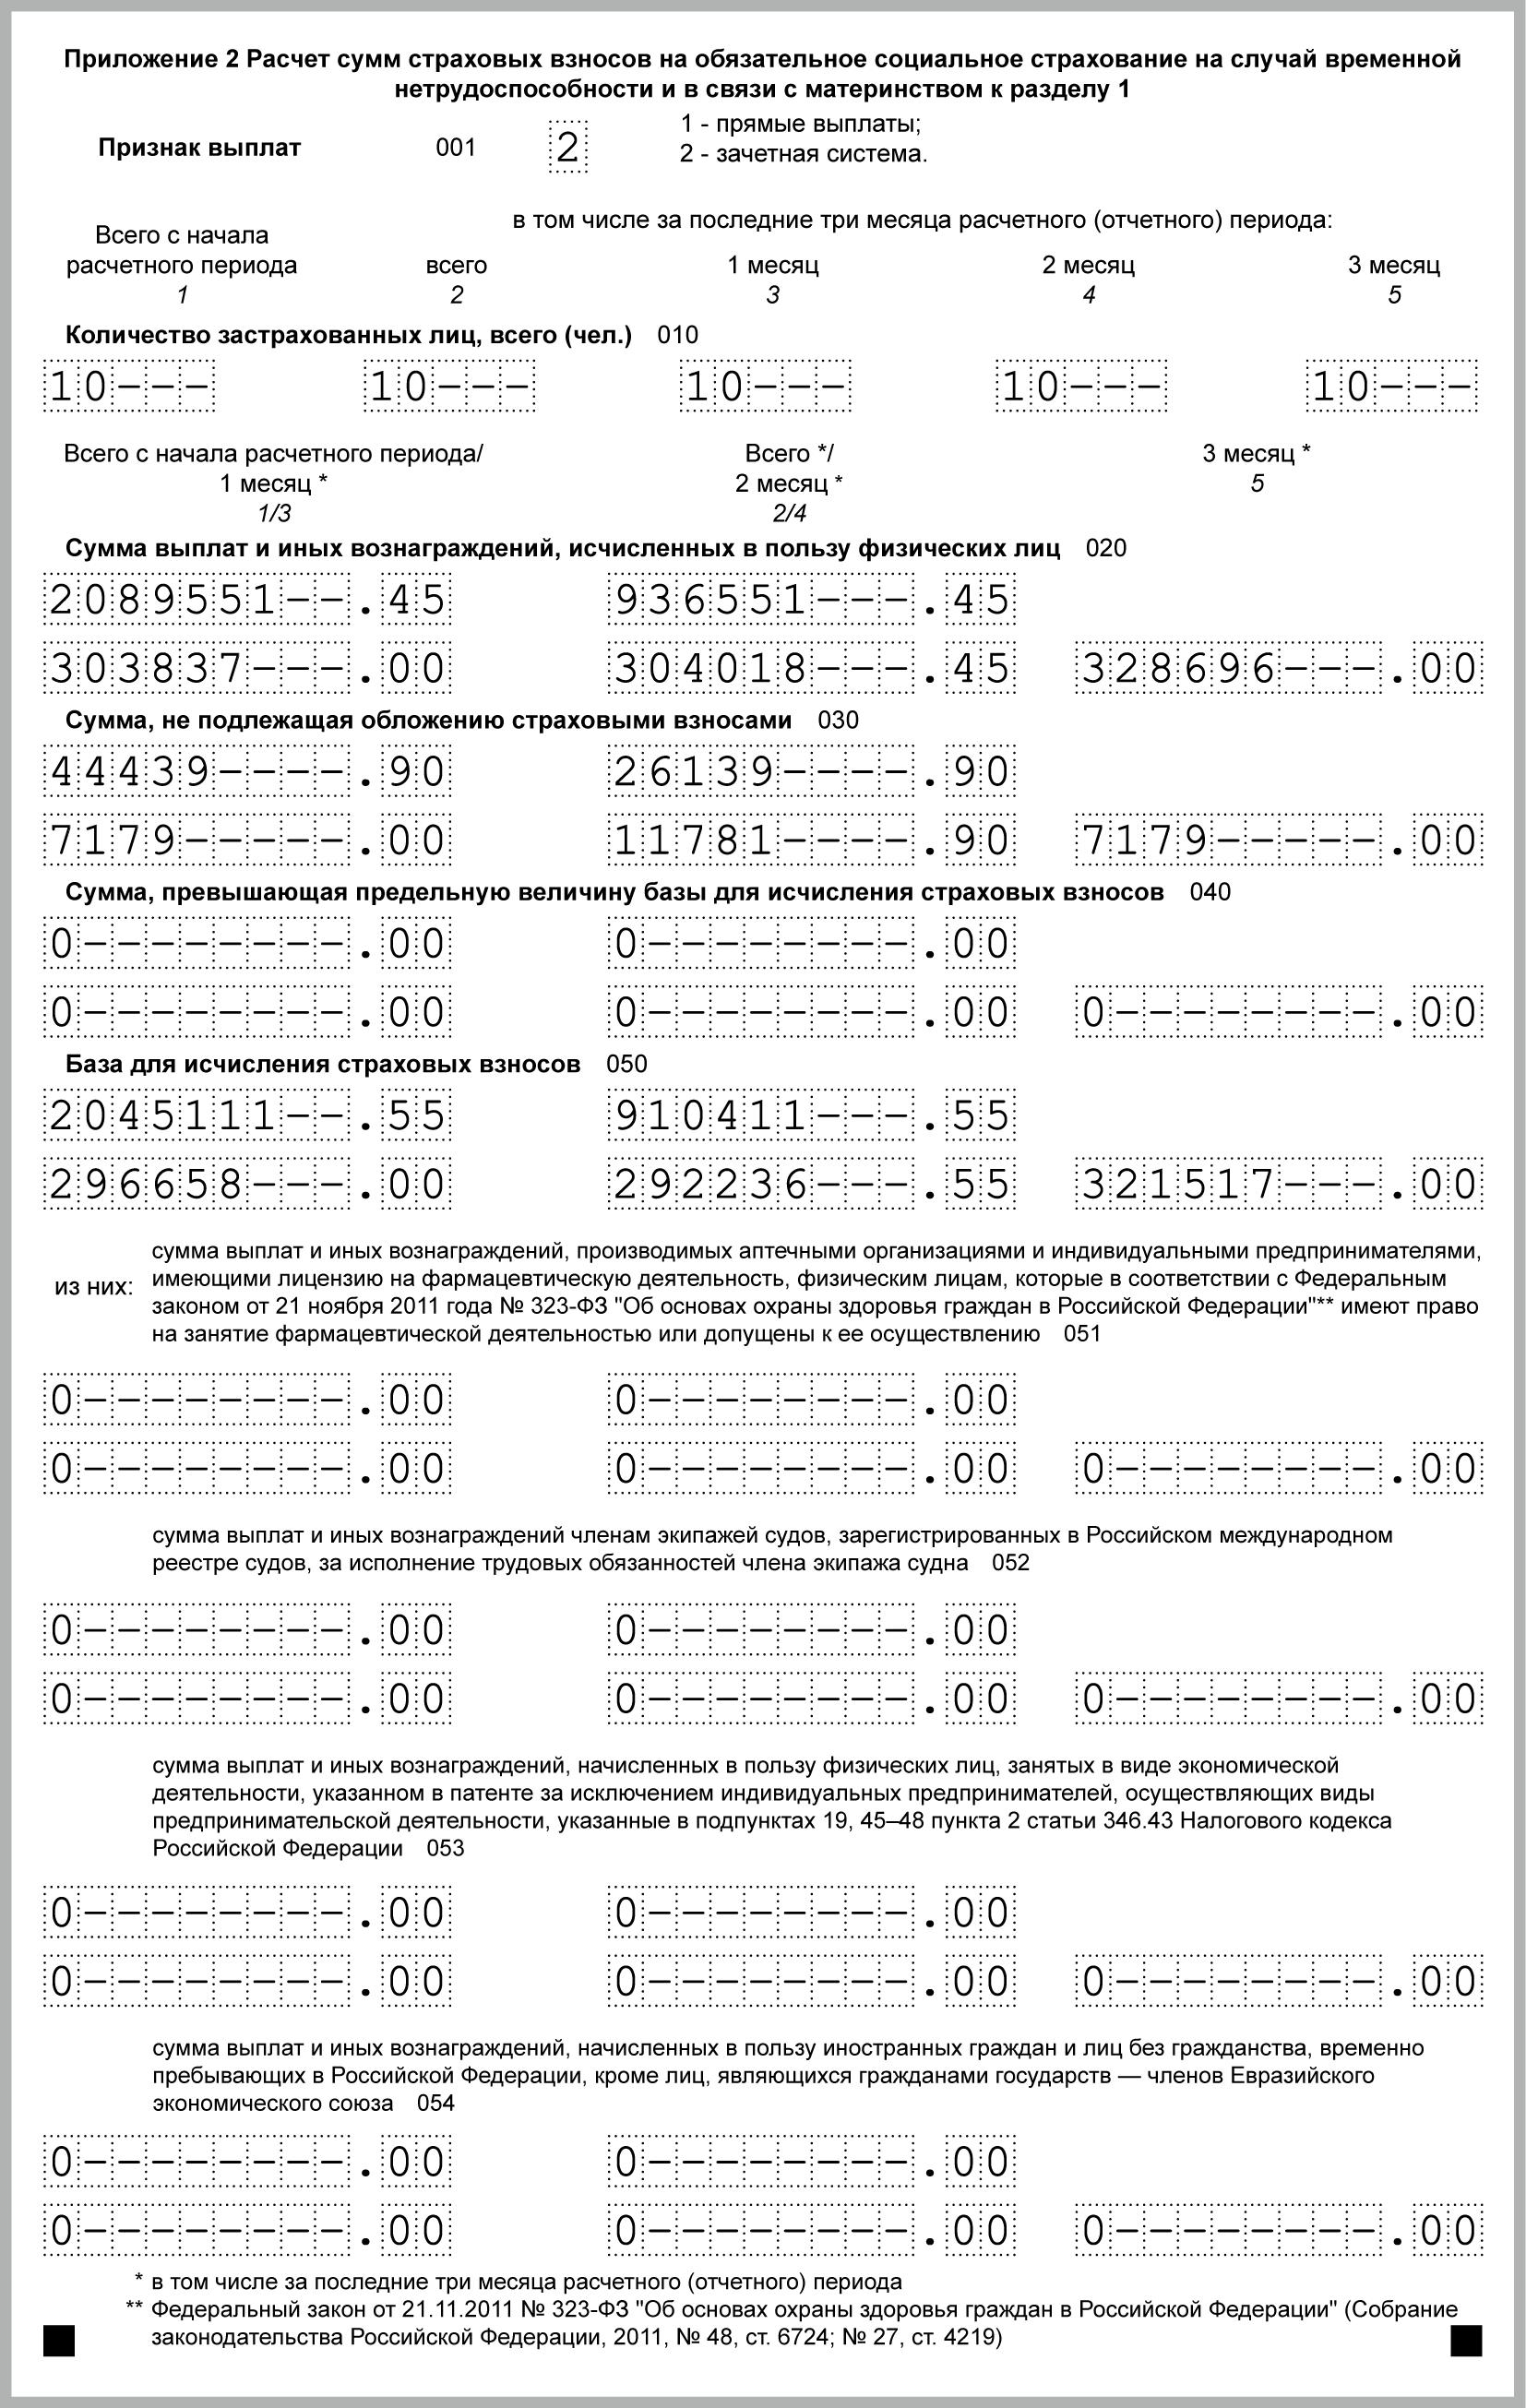 Признак выплат в расчете по страховым взносам в 2019 году